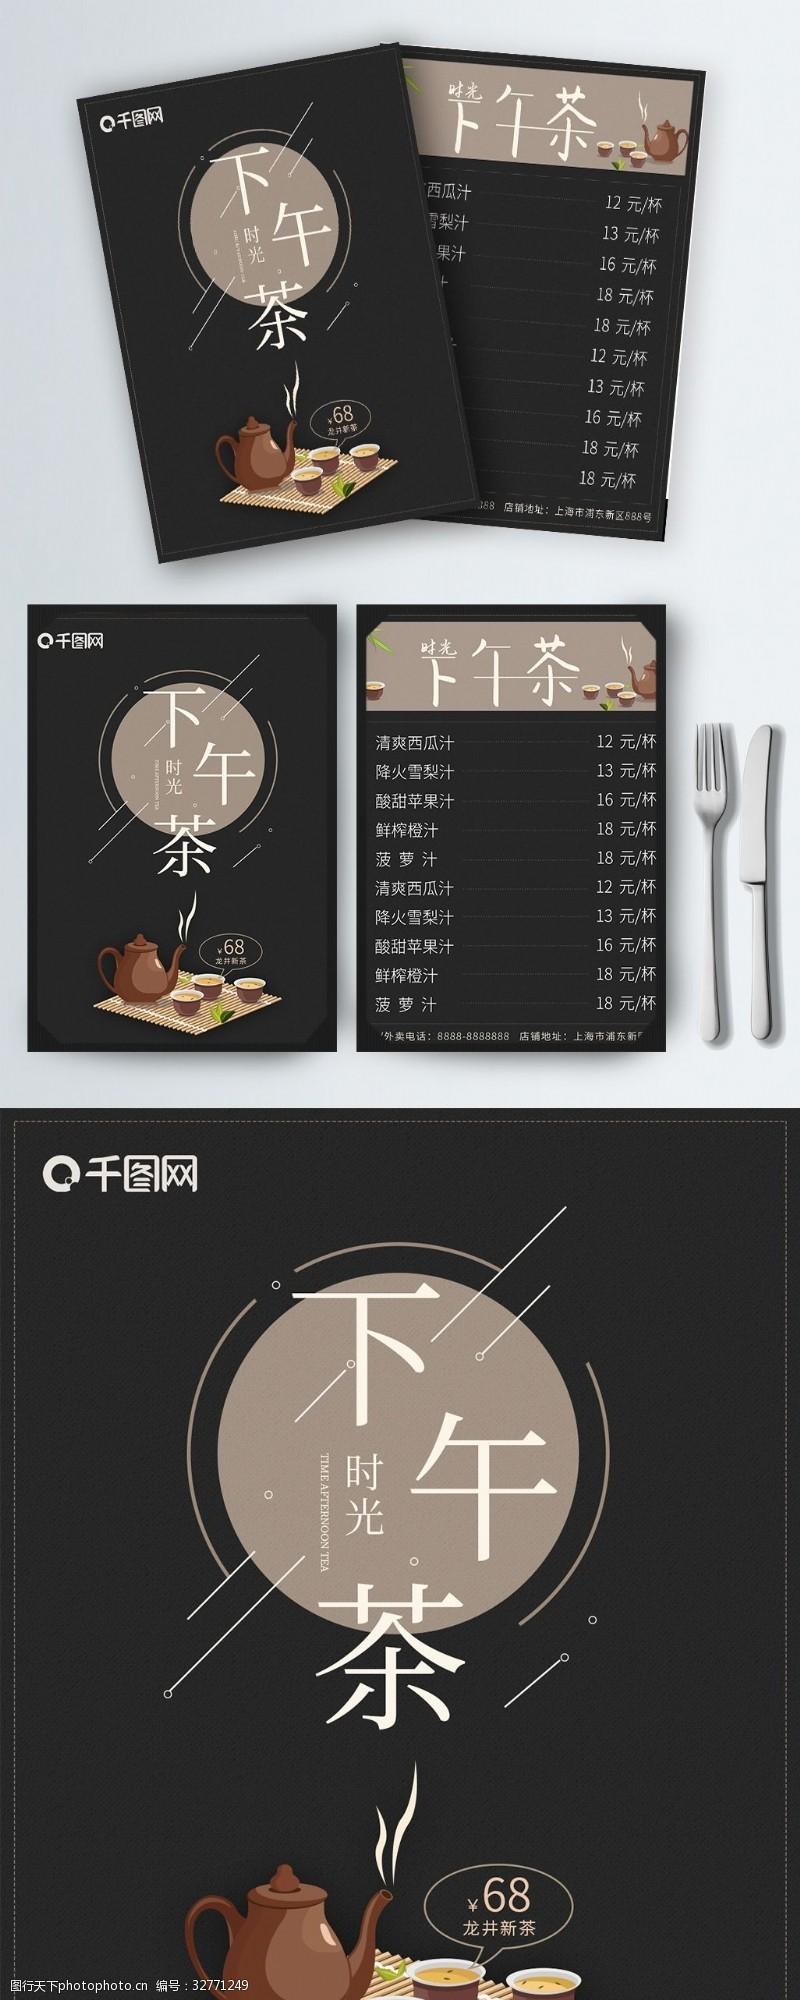 黑色簡約下午茶菜單